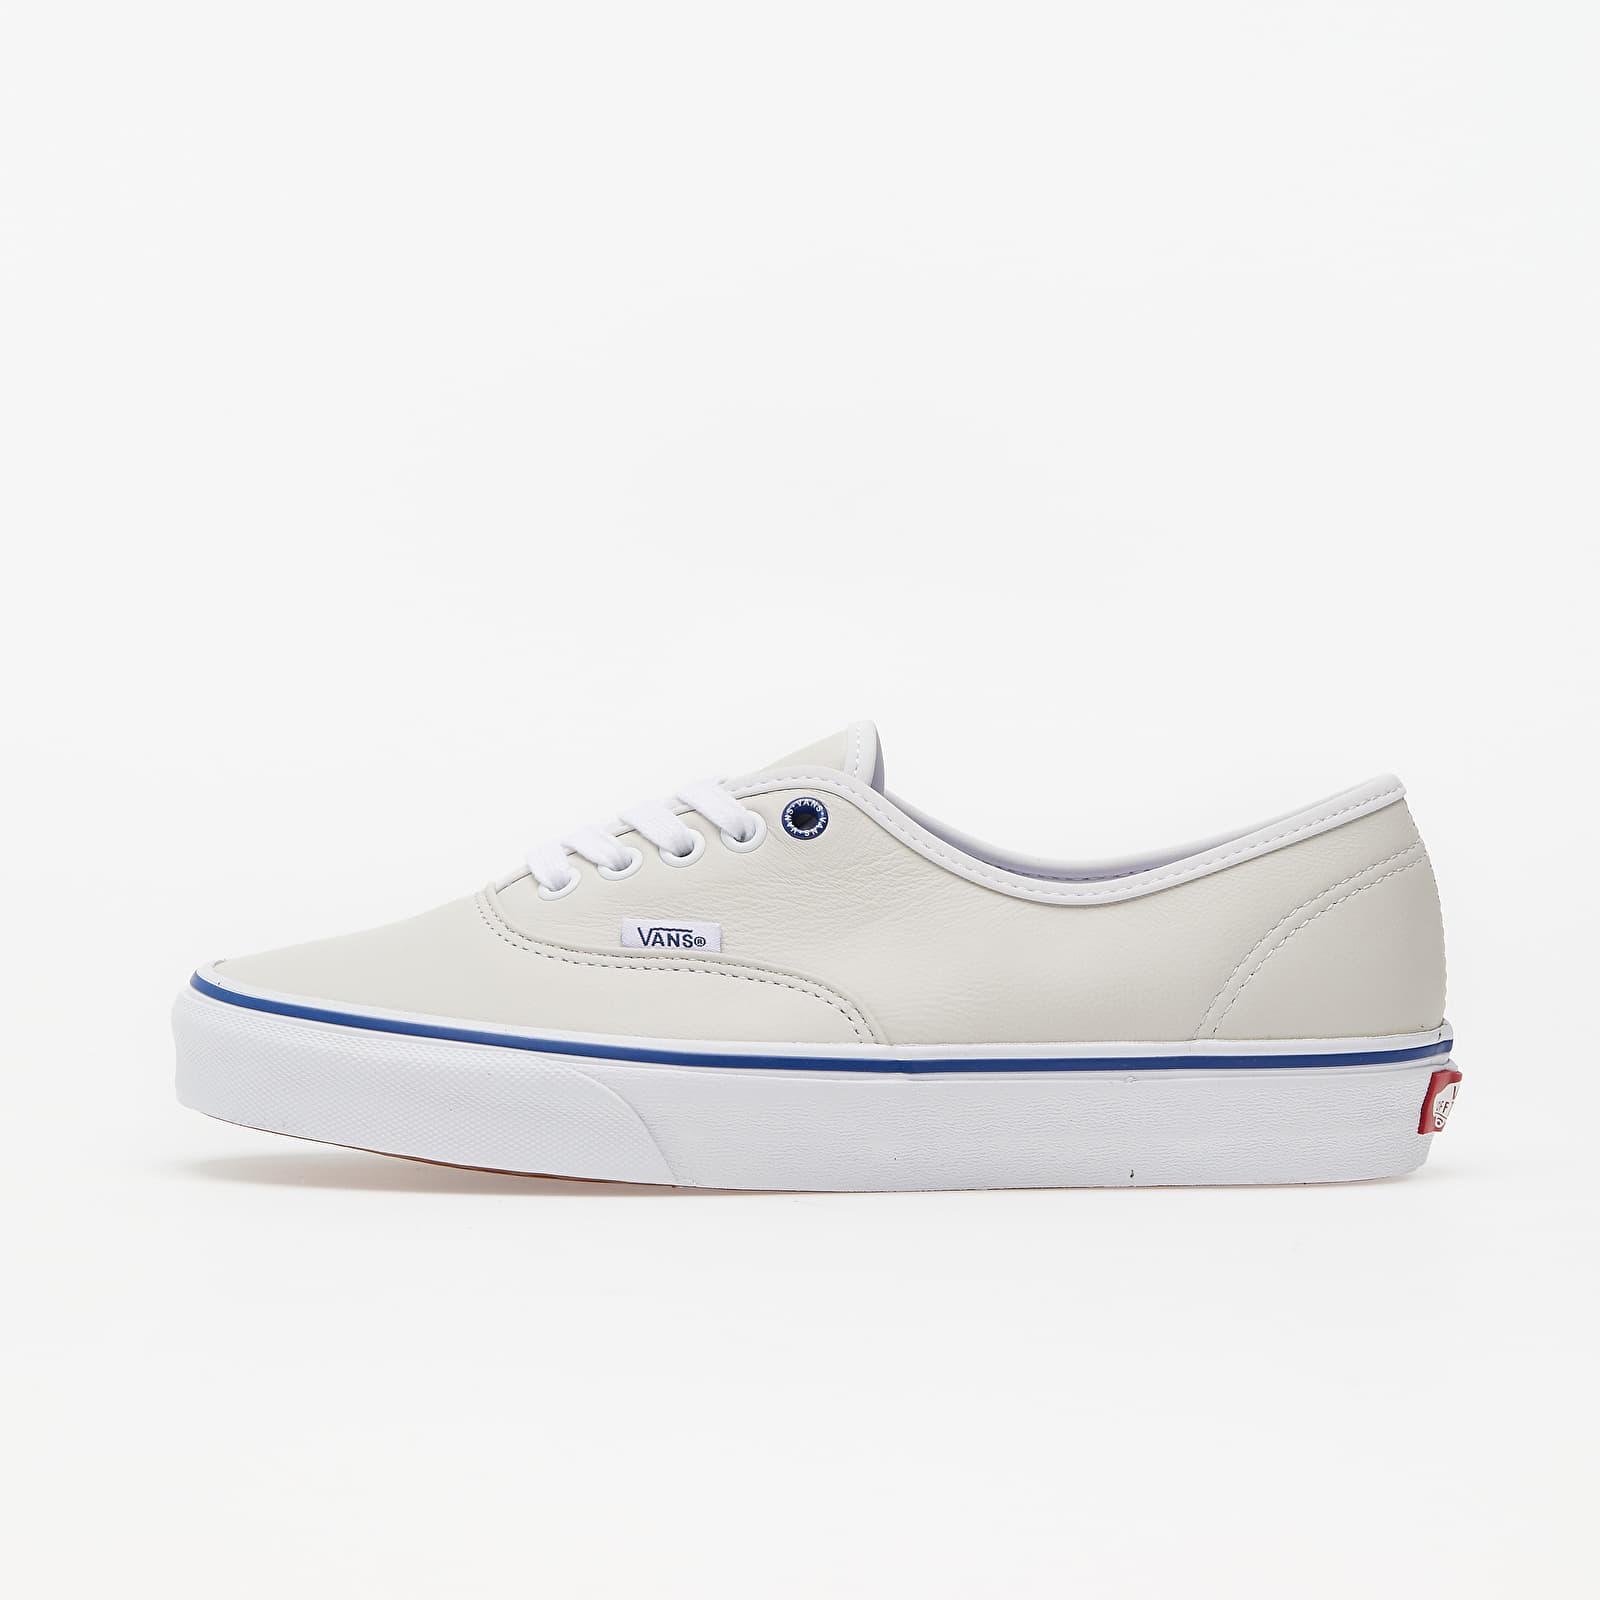 Vans Authentic (Butter Leather) True White | Footshop